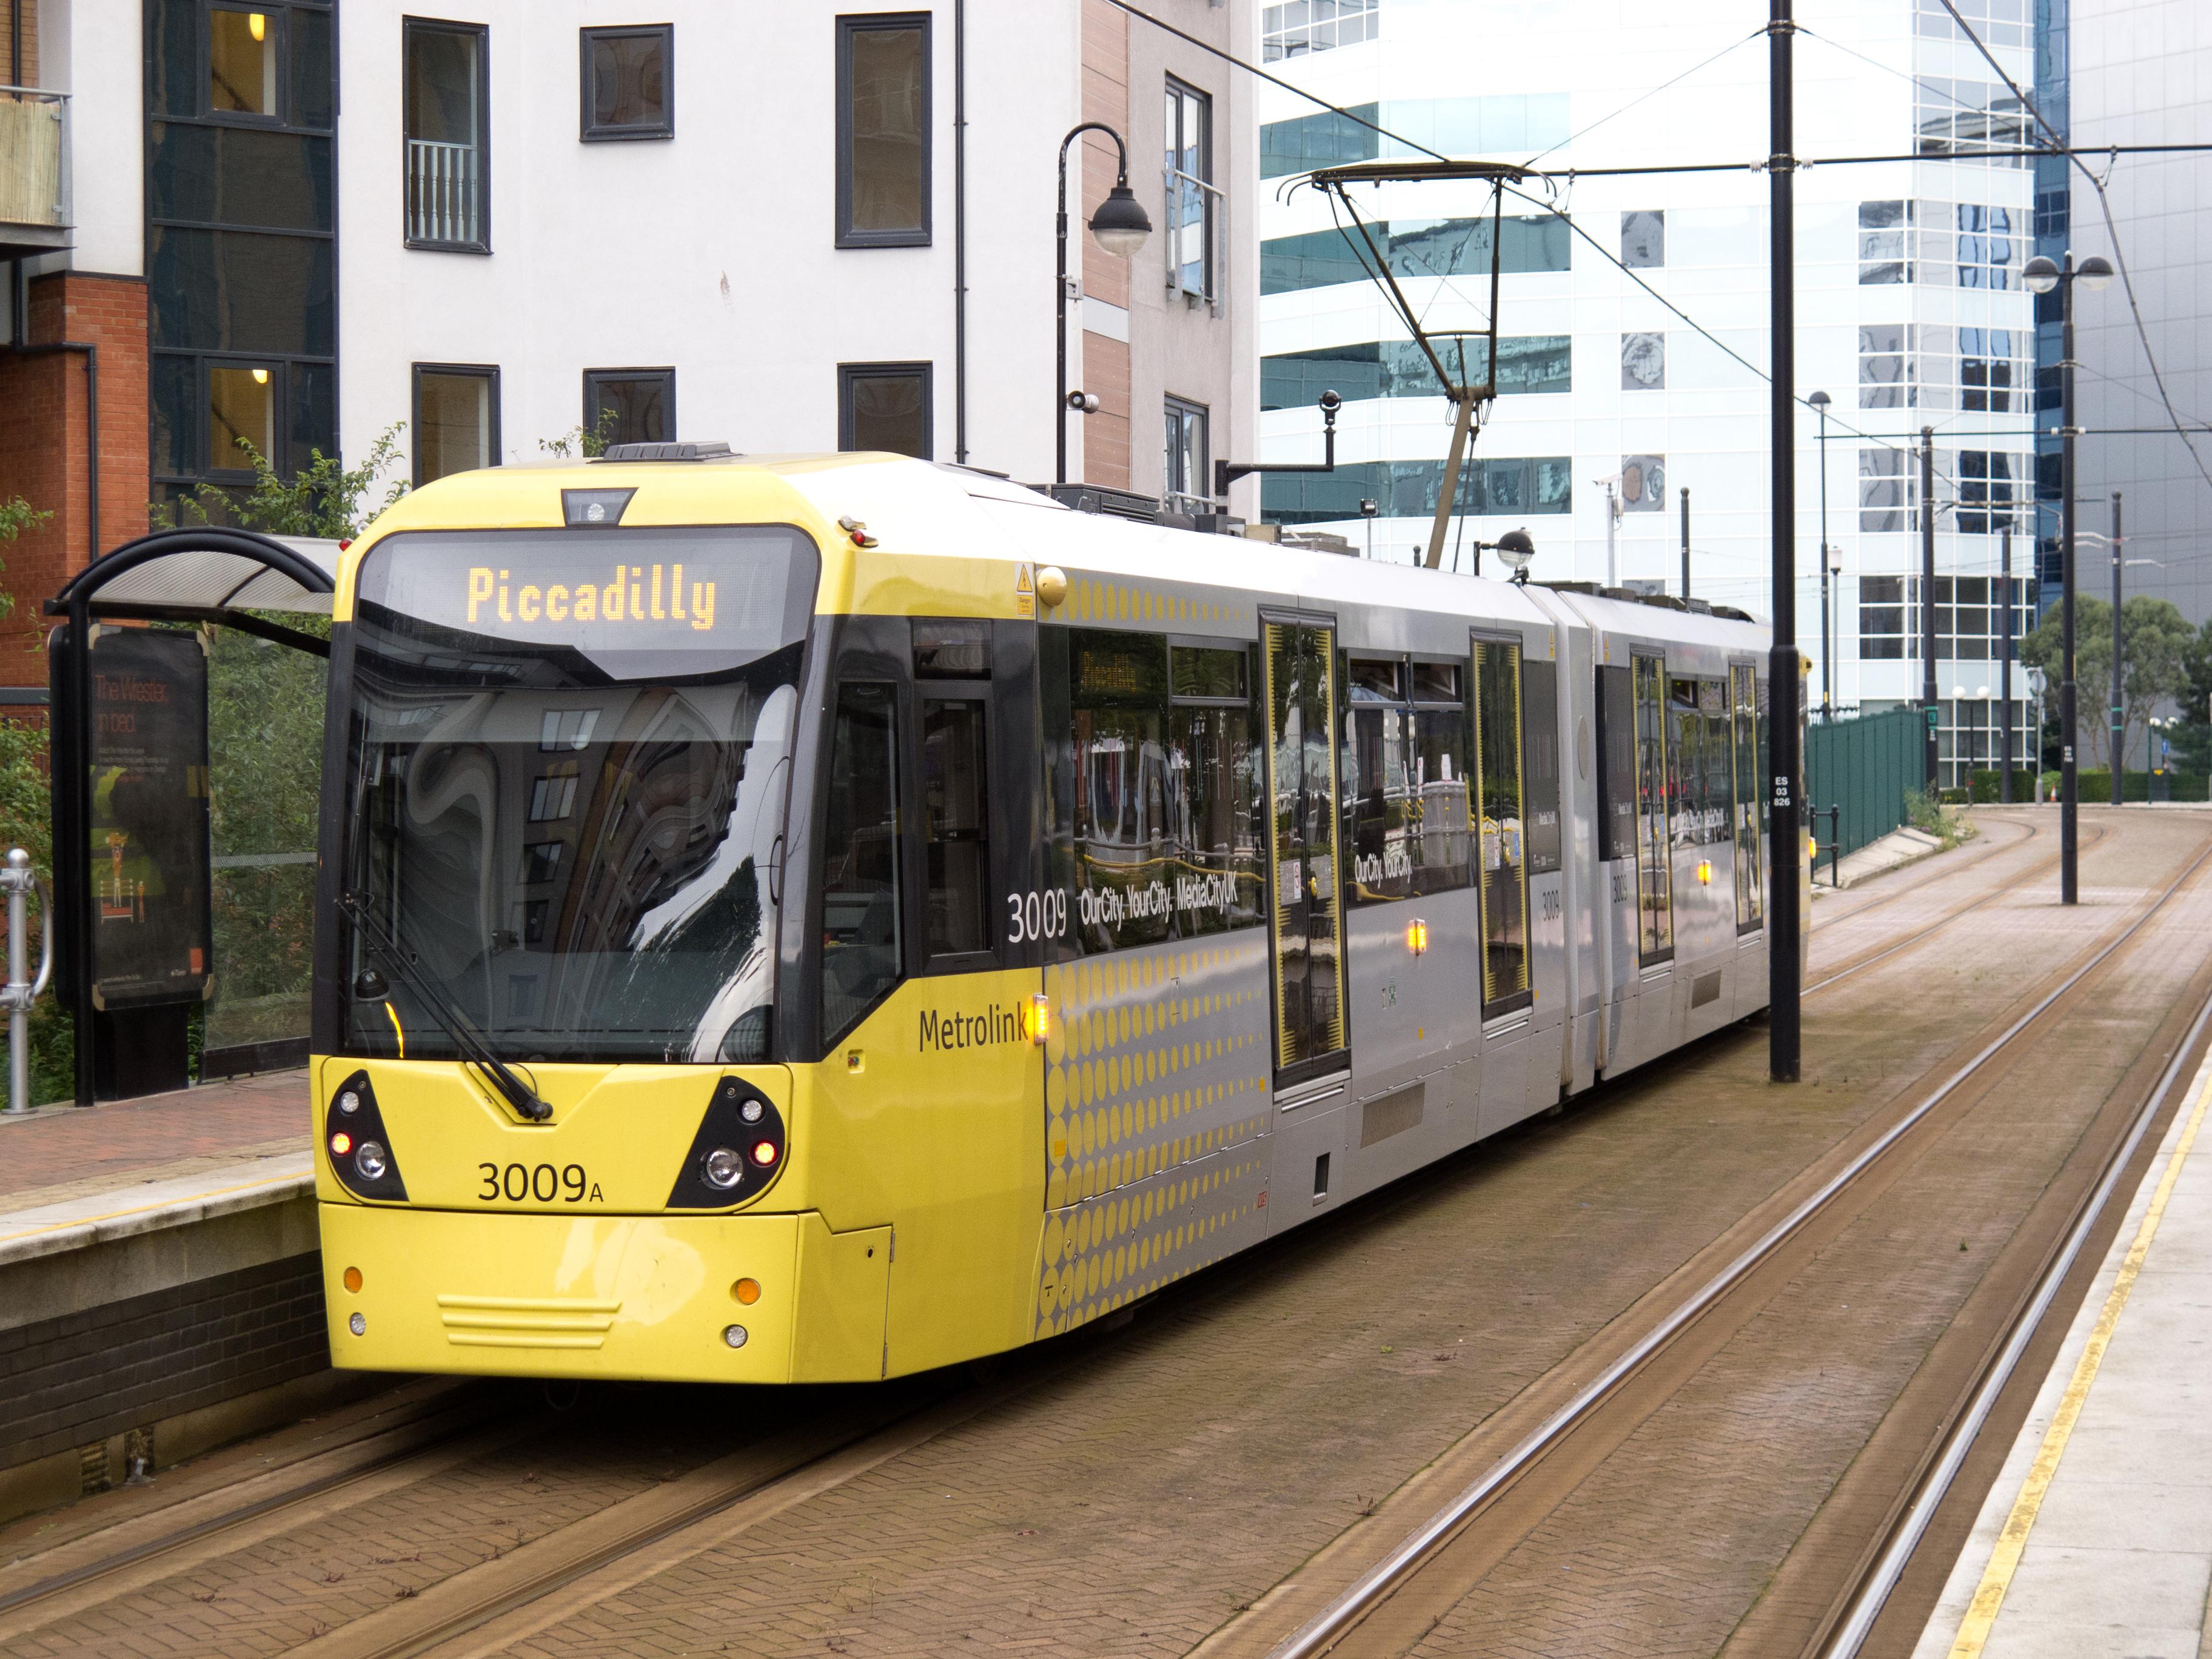 Greater_Manchester_Metrolink_-_tram_3009A